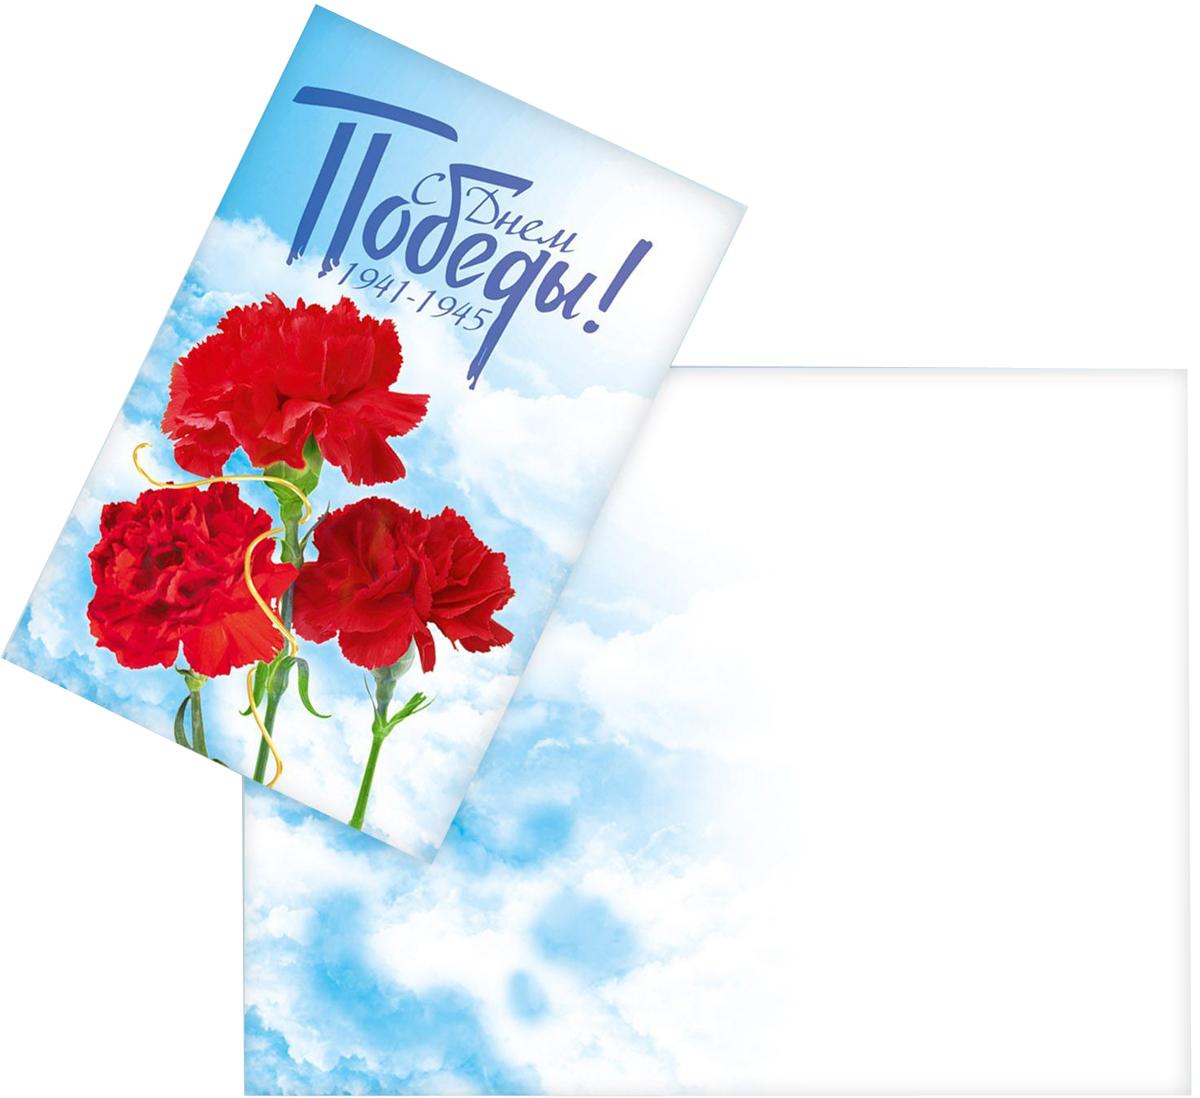 Праздники — это отличный повод встретиться с родными и друзьями, провести вместе время. Поздравьте близких и дорогих вам людей, подарив им карточку с тёплыми пожеланиями.Мини-открытка не содержит текста, но имеет красивый дизайнерский рисунок. Такая яркая карточка станет прекрасным дополнением к основному подарку.Сохраните самые чудесные моменты жизни!